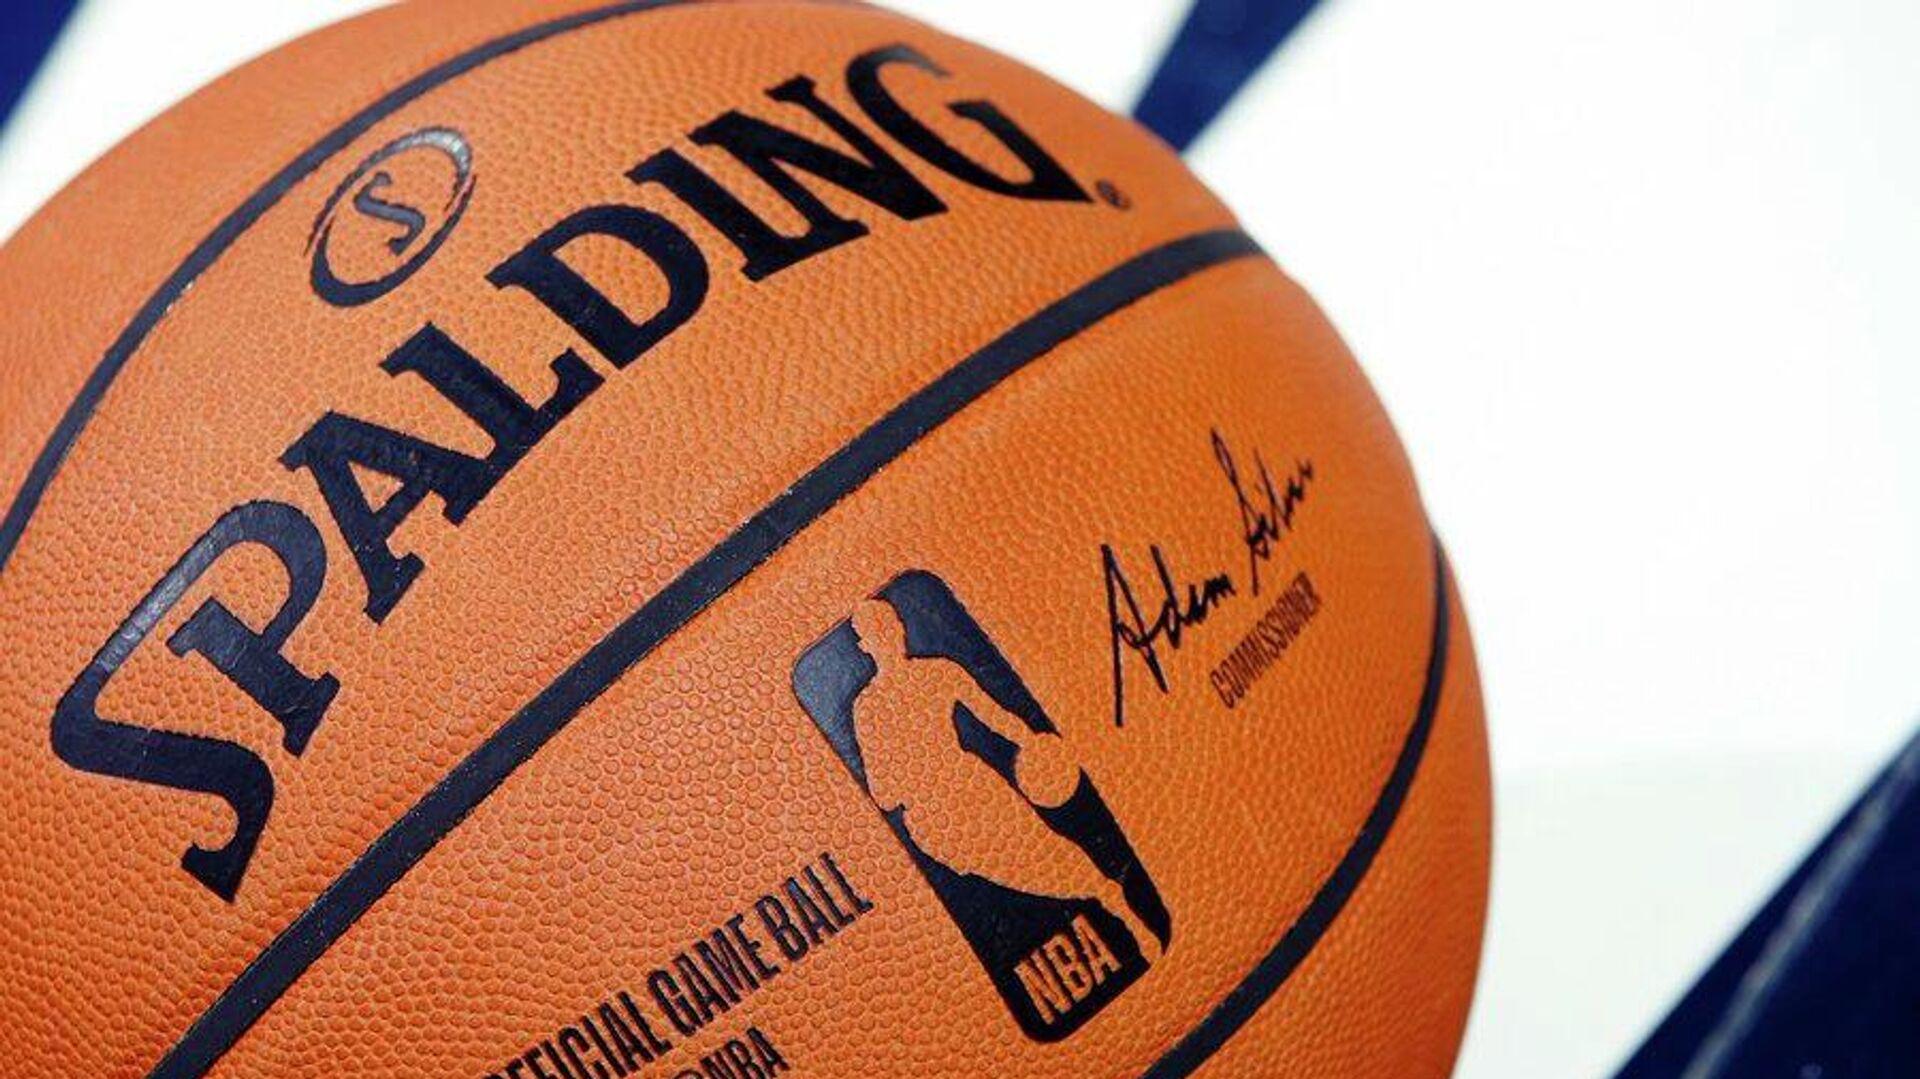 Мяч НБА - РИА Новости, 1920, 09.01.2021